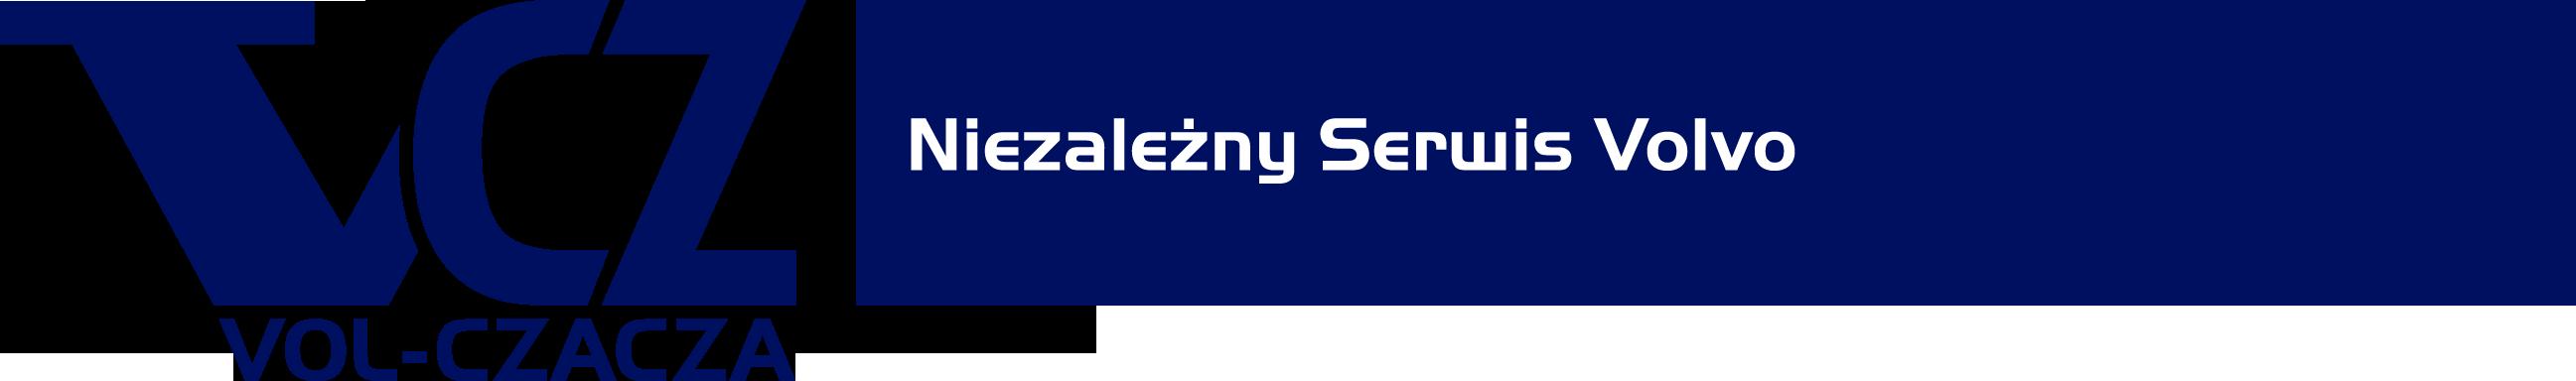 volczacza_(RGB)